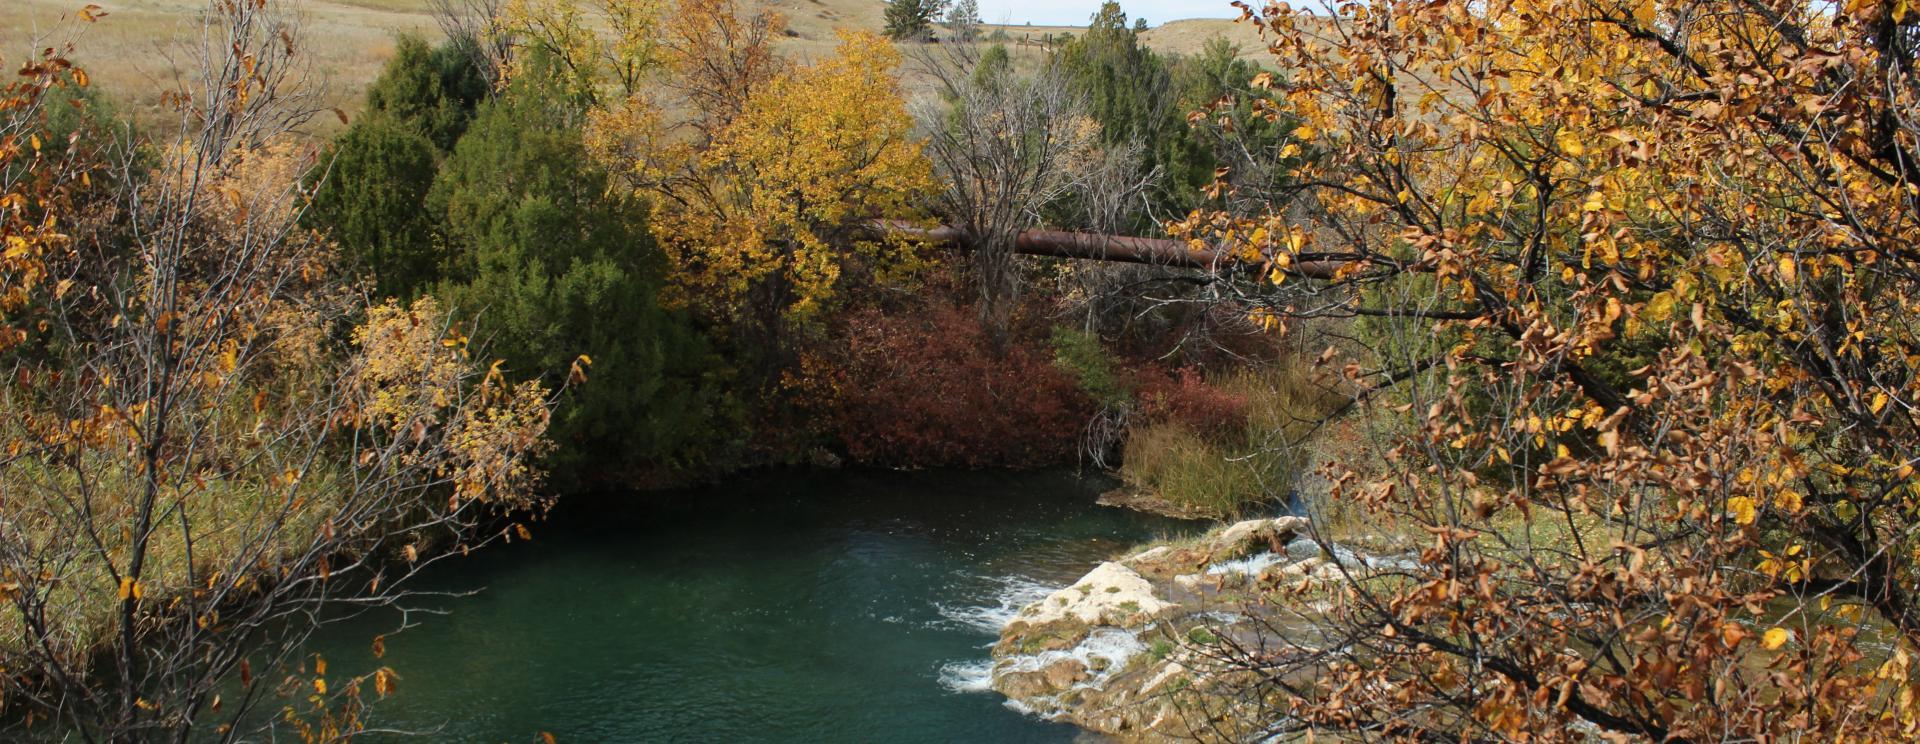 Fall River Ranch RV Resort